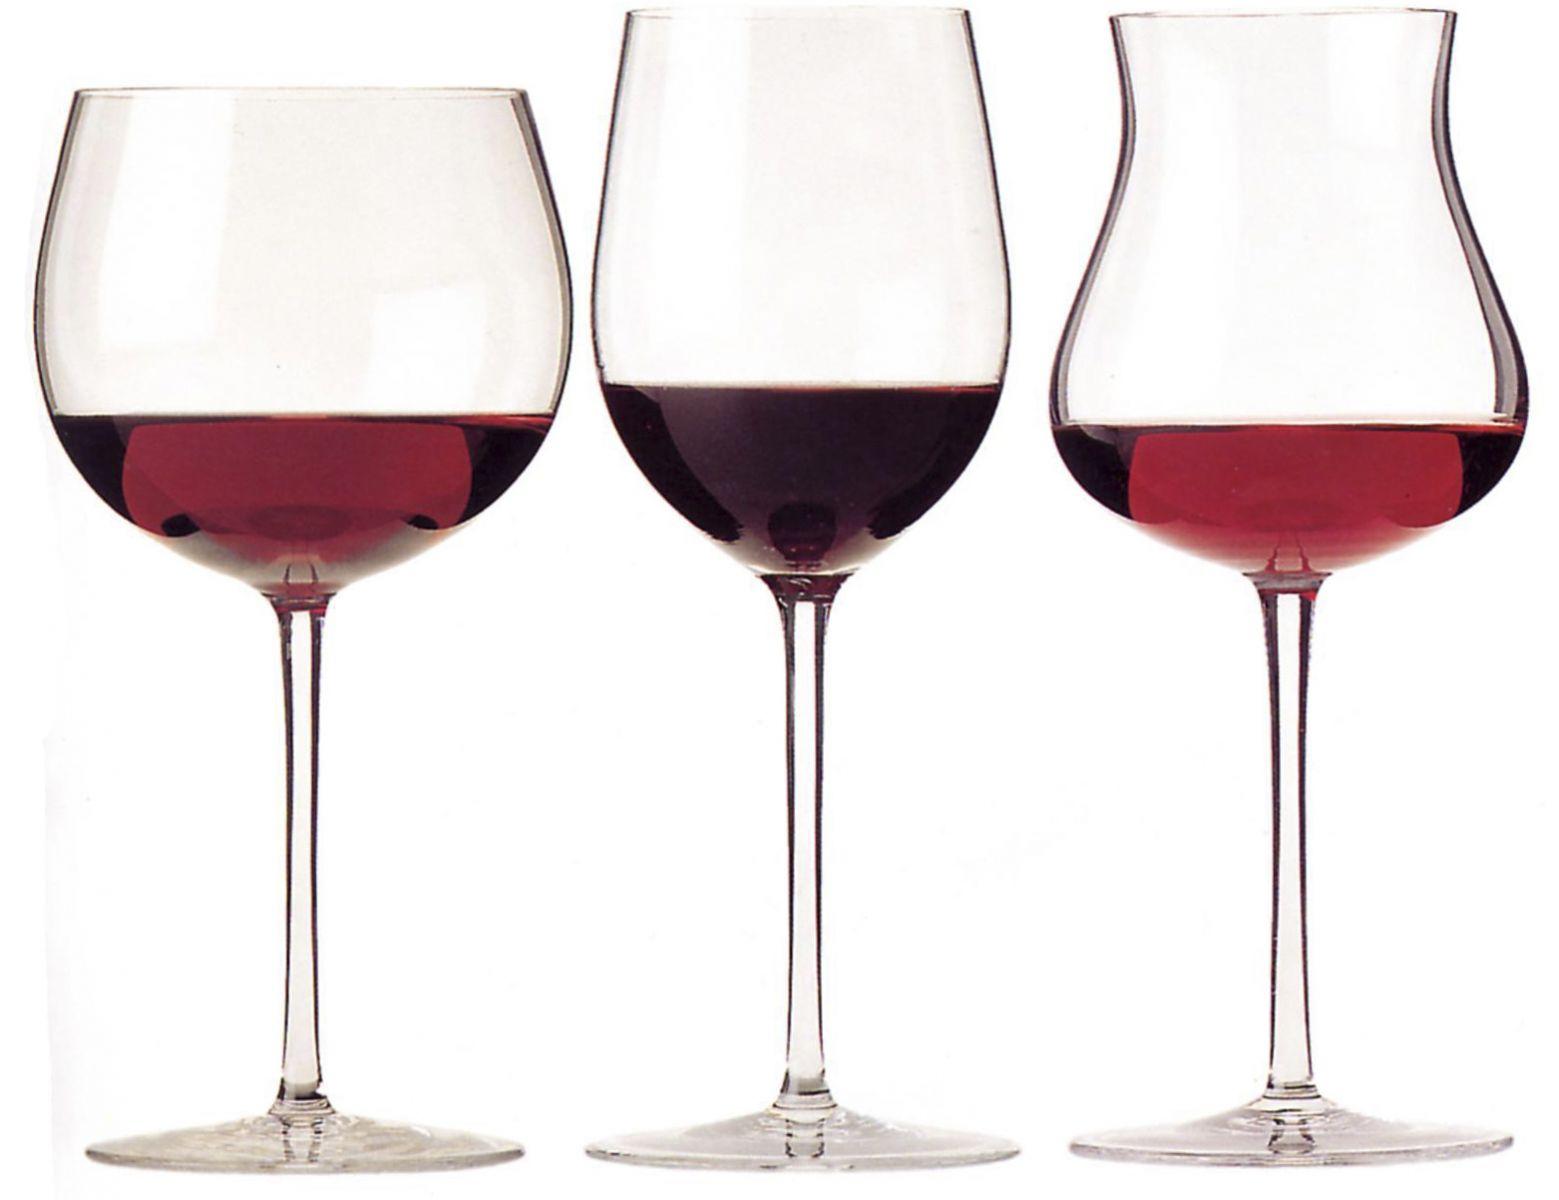 Blogdiario de jordi bayona el que menos sabe se las da for Copa vino tinto